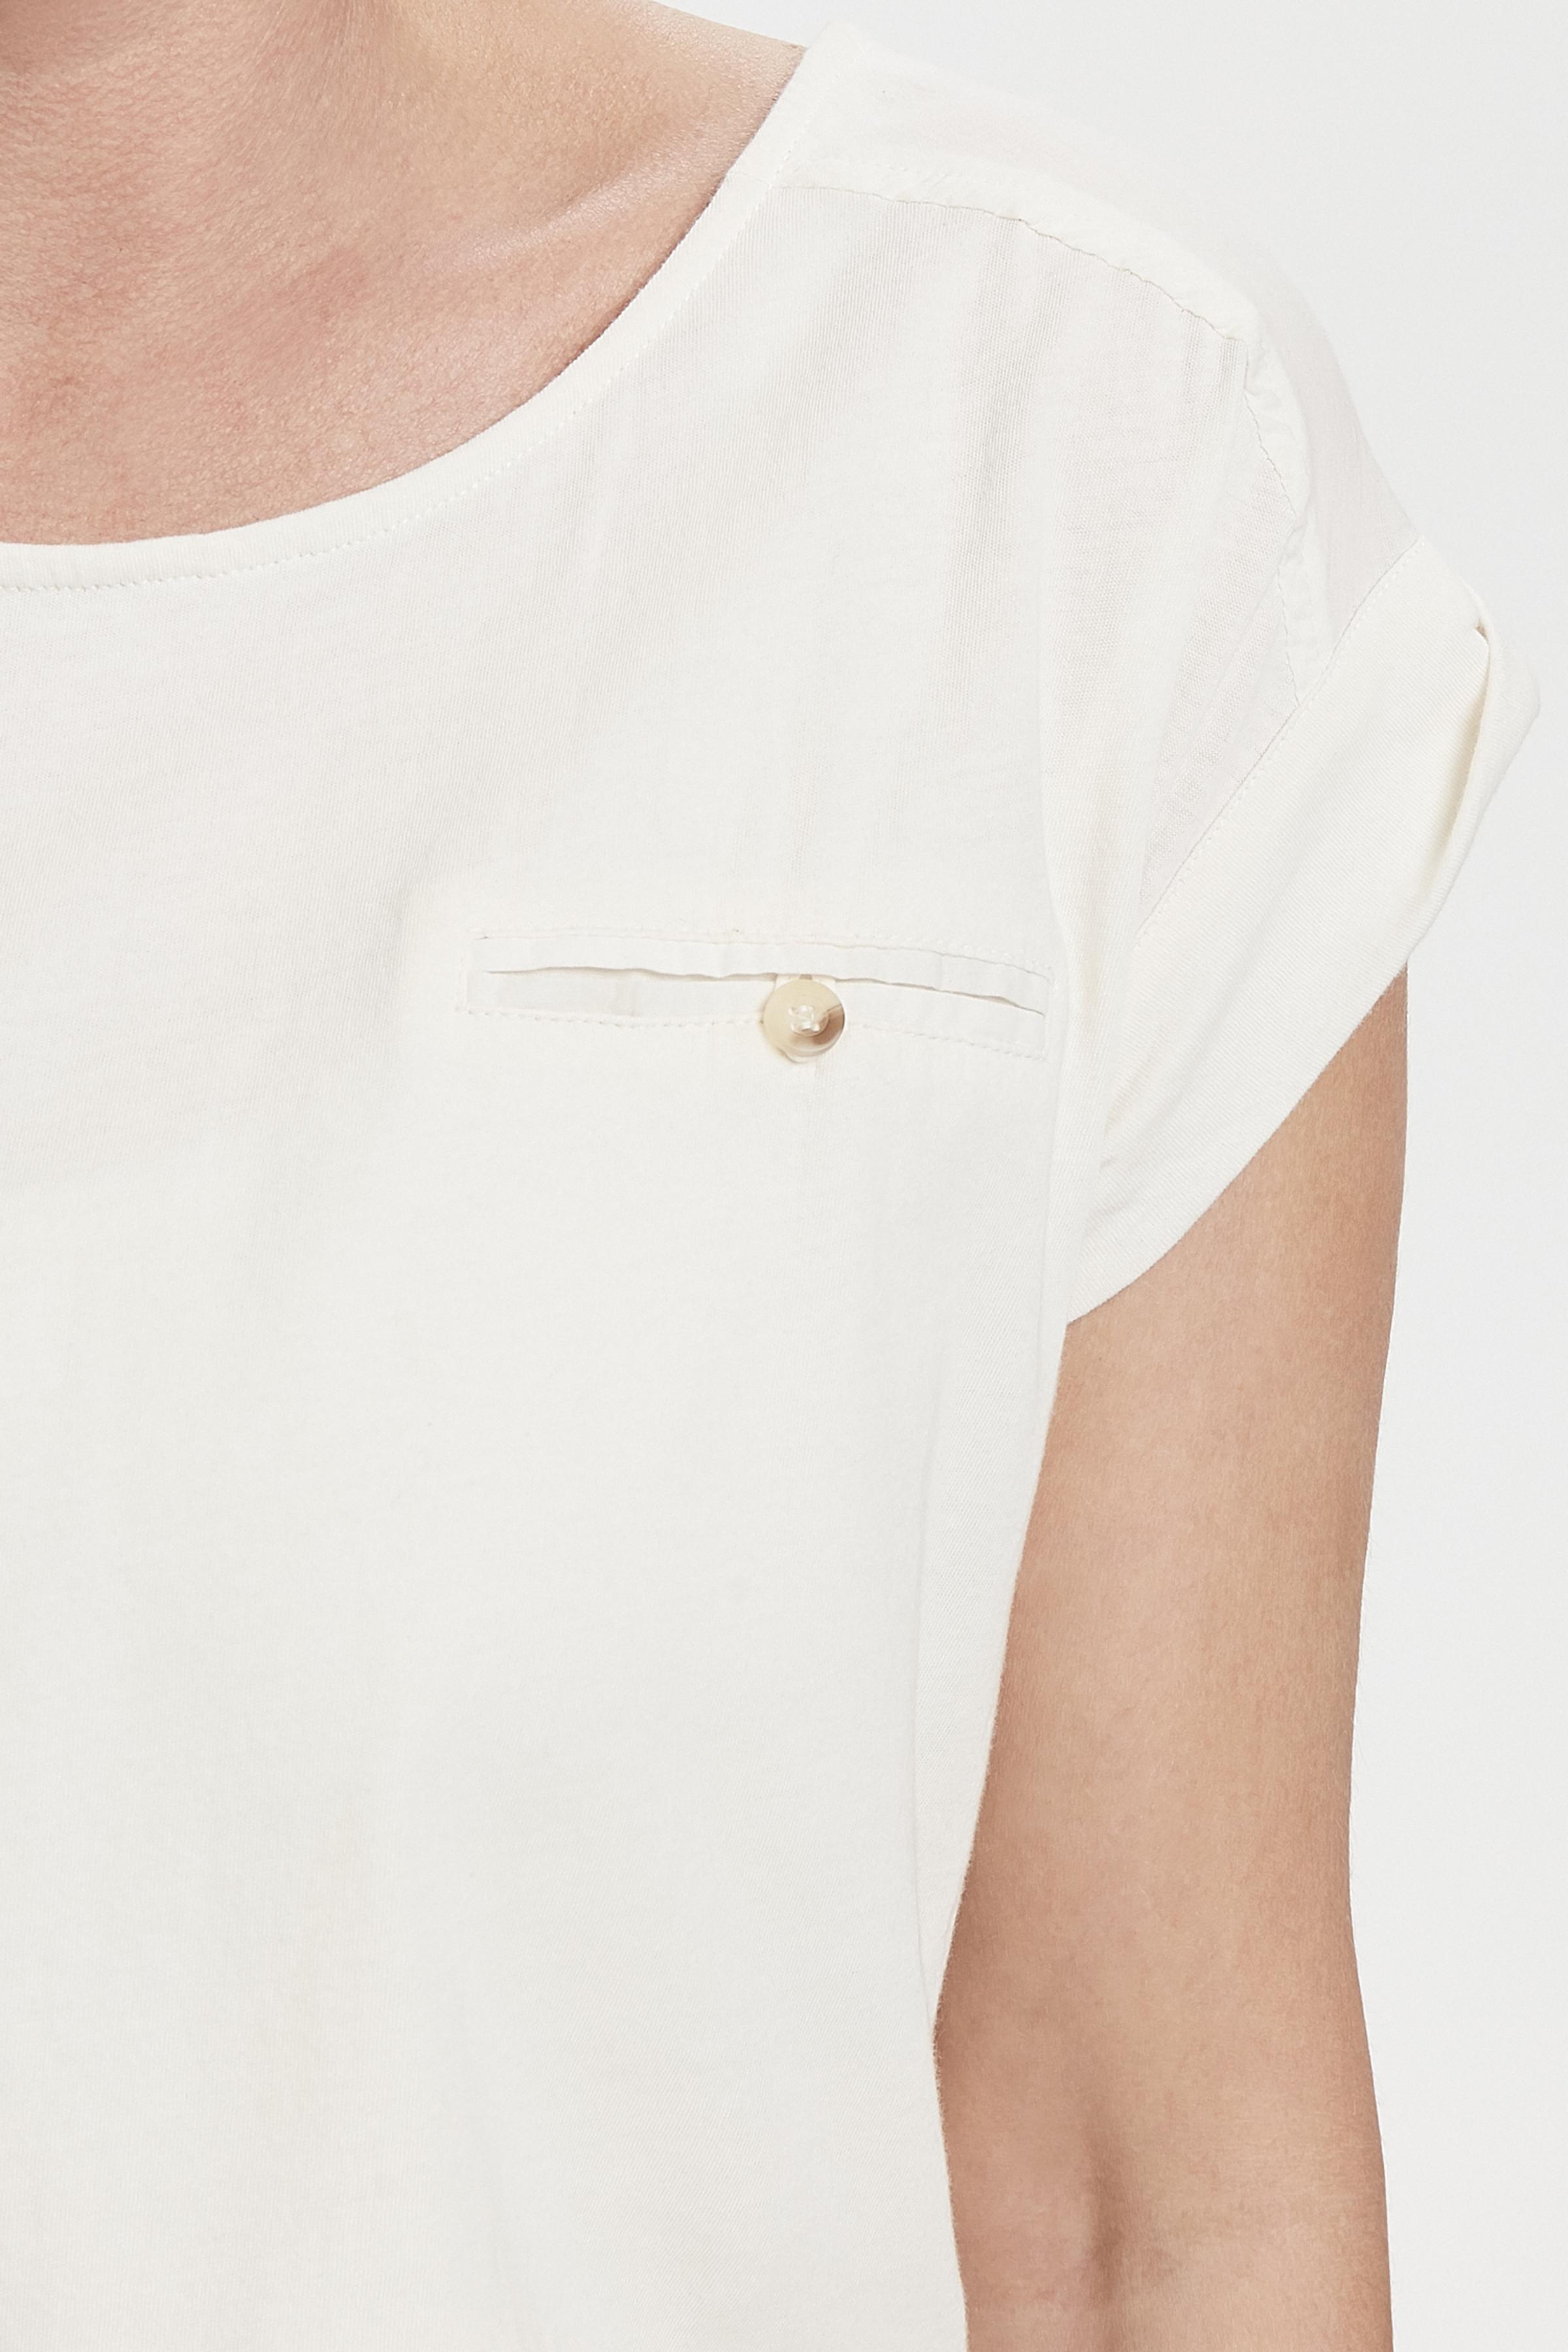 Crème Korte mouwen shirt  van Bon'A Parte – Door Crème Korte mouwen shirt  van maat. S-2XL hier